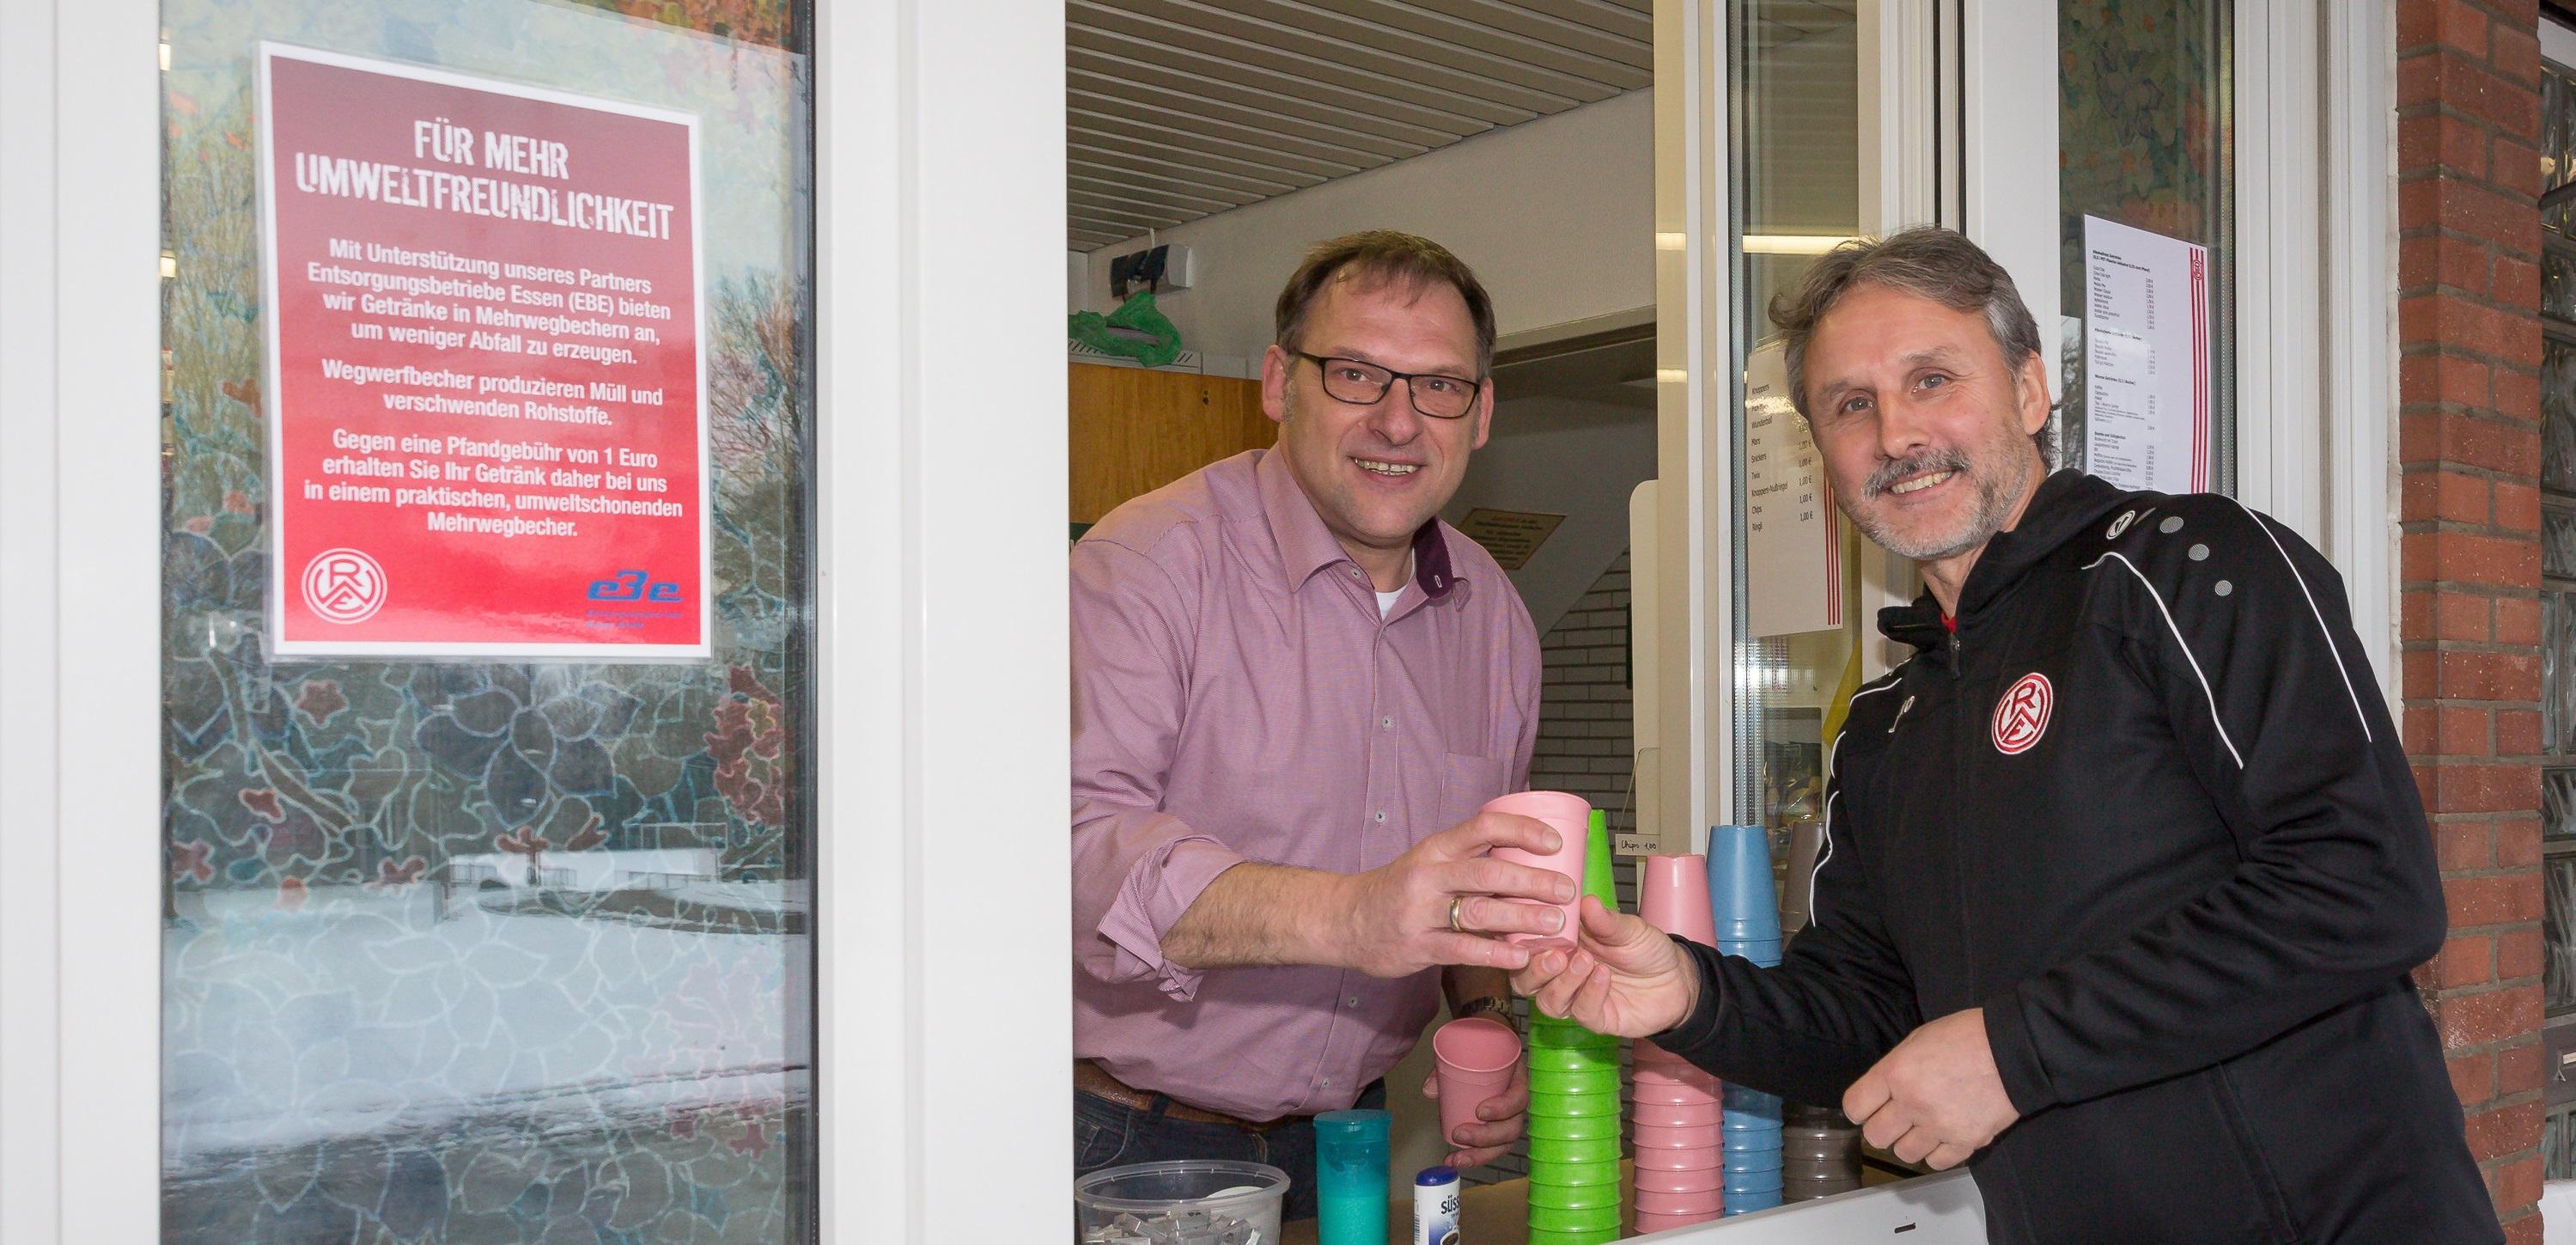 Ab sofort werden am rot-weissen NLZ Heißgetränke in Mehrwegbechern ausgegeben. (Foto: Endberg)